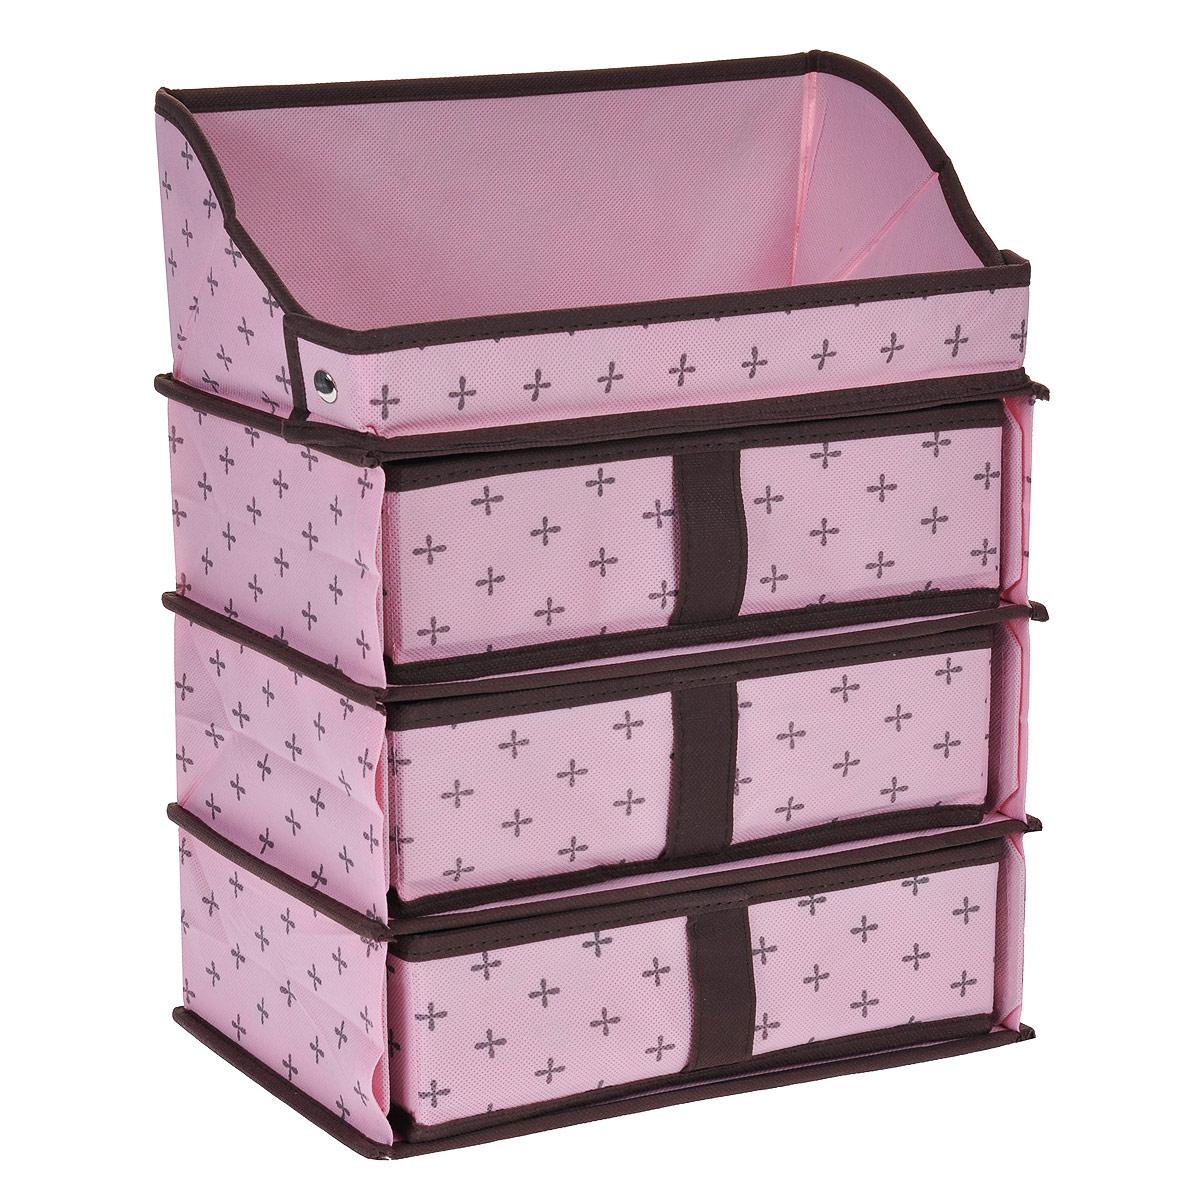 Кофр для хранения FS-6121, цвет: розовый, 28 х 18 х 36 смFS-6121Кофр для хранения FS-6121 изготовлен из высококачественного нетканого материала, который позволяет сохранять естественную вентиляцию, а воздуху свободно проникать внутрь, не пропуская пыль. Благодаря специальным вставкам, кофр прекрасно держит форму, а эстетичный дизайн гармонично смотрится в любом интерьере. Кофр состоит из верхней полки и трех выдвижных отделений. Мобильность конструкции обеспечивает складывание и раскладывание одним движением.Такой кофр сэкономит место и сохранит порядок в доме. Характеристики:Материал: нетканый материал. Цвет: розовый. Размер кофра (Ш х Д х В): 28 см х 18 см х 36 см.